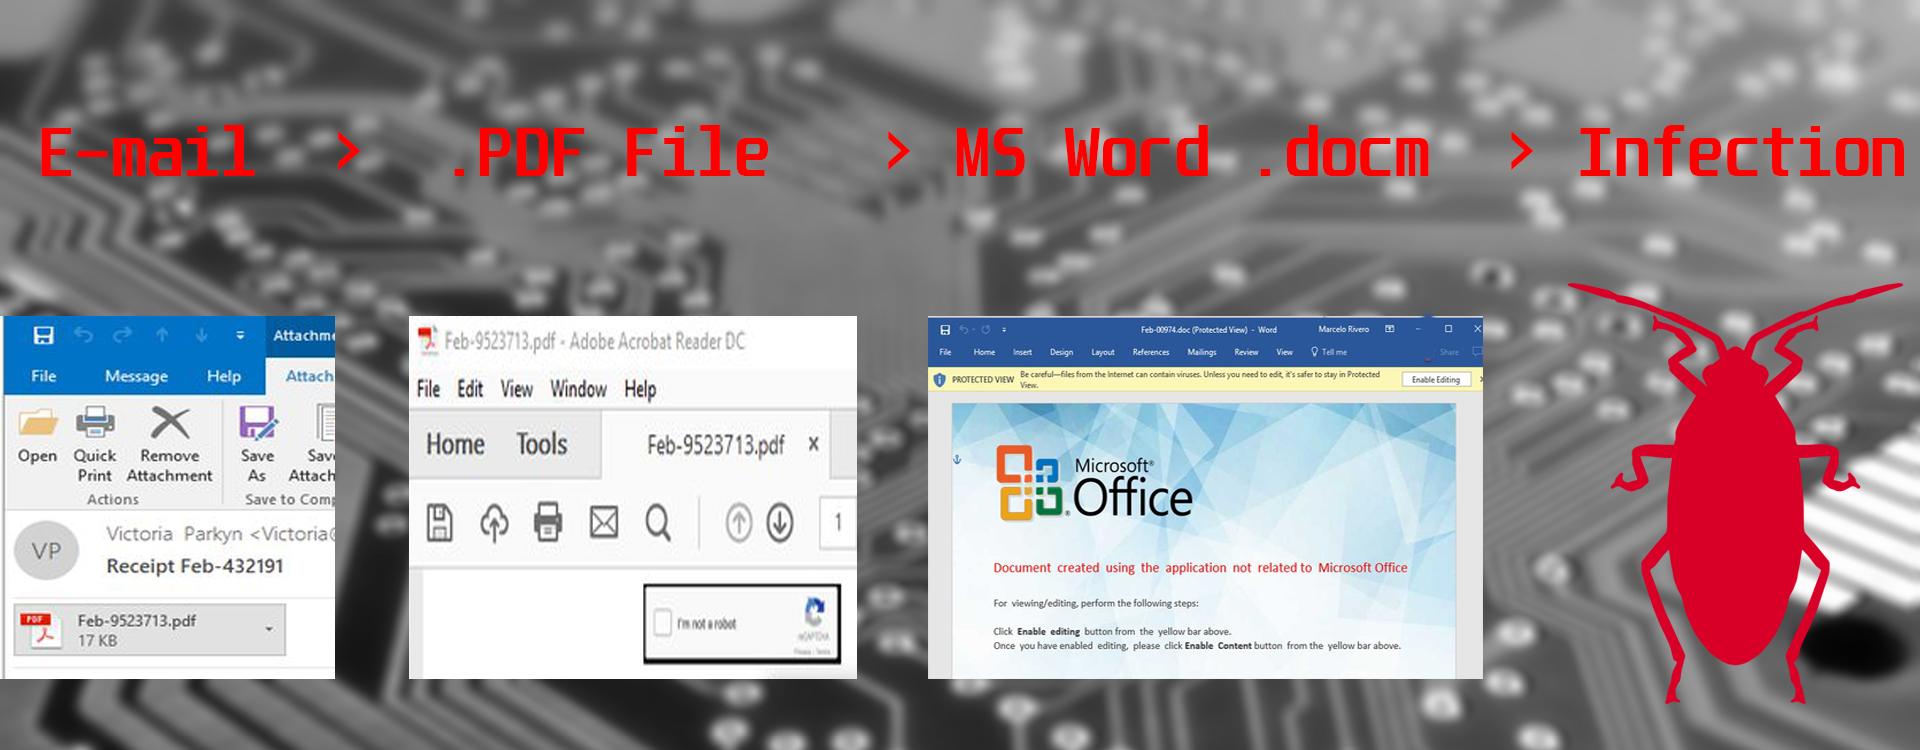 CANGREJO archivos de virus - Cómo quitar GandCrab v2 y restauración ...